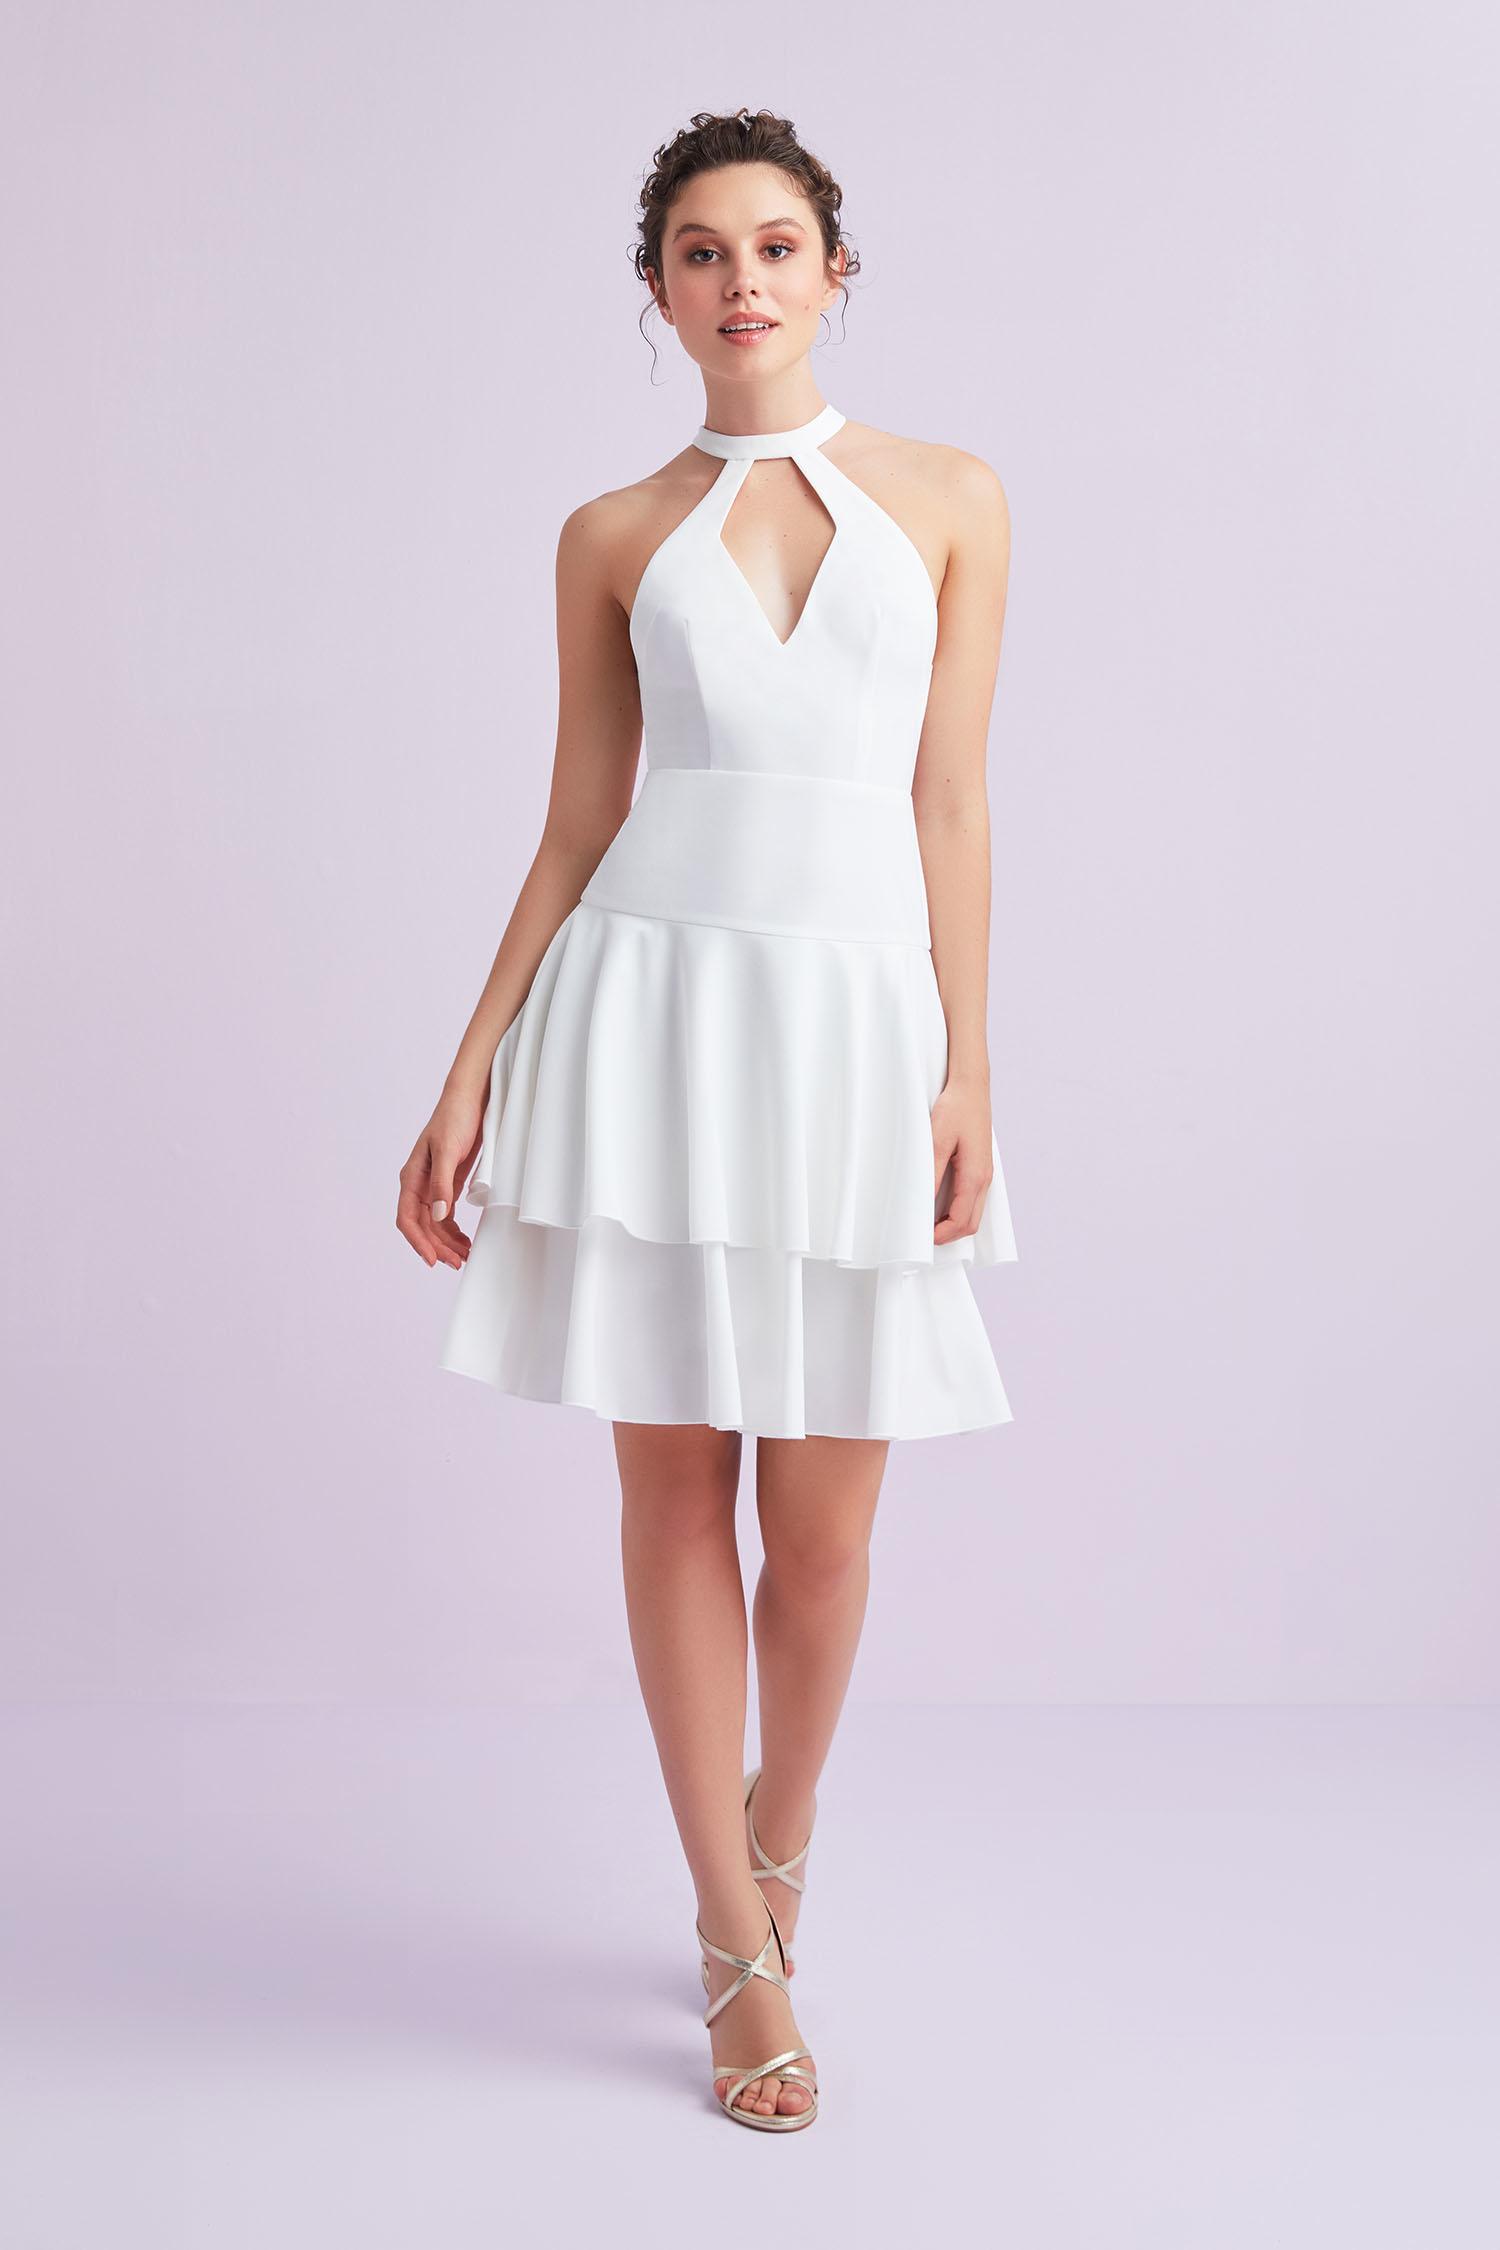 Beyaz Halter Yaka Krep Kısa Büyük Beden Nikah Elbisesi - Thumbnail